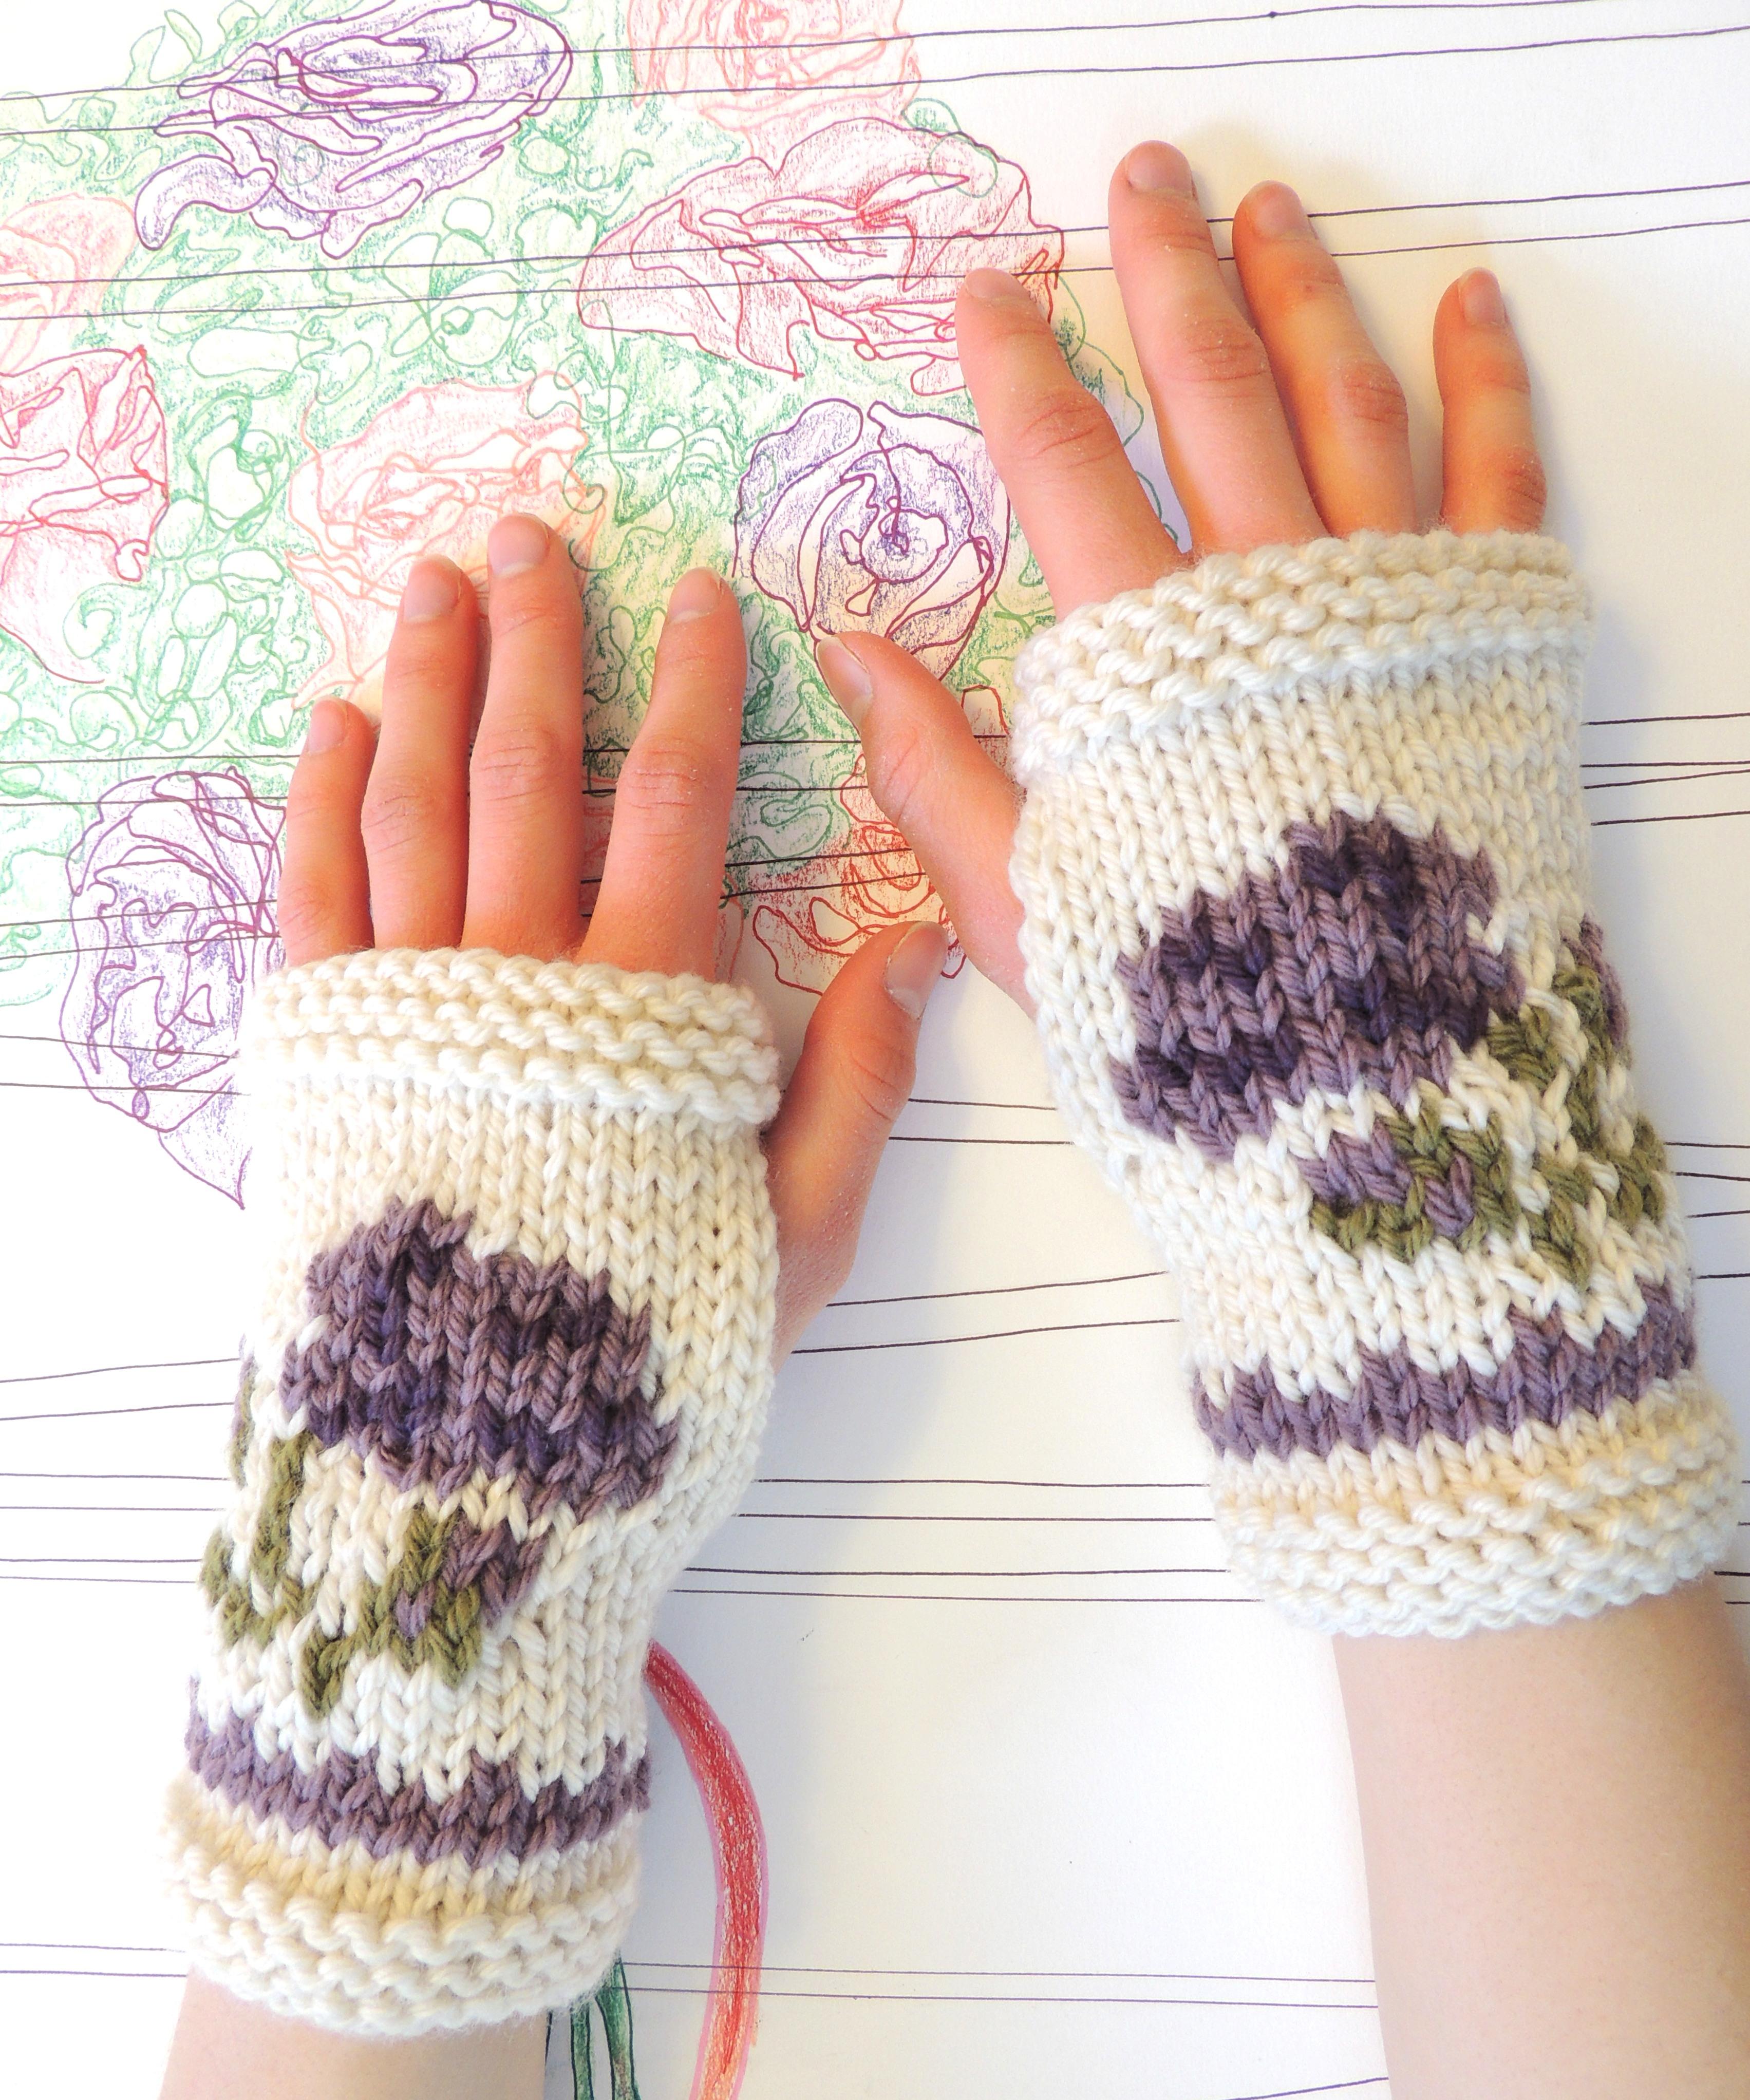 INTARSIA ROSE Fingerless Gloves?Knitting Pattern! Valerie Baber Designs - I...